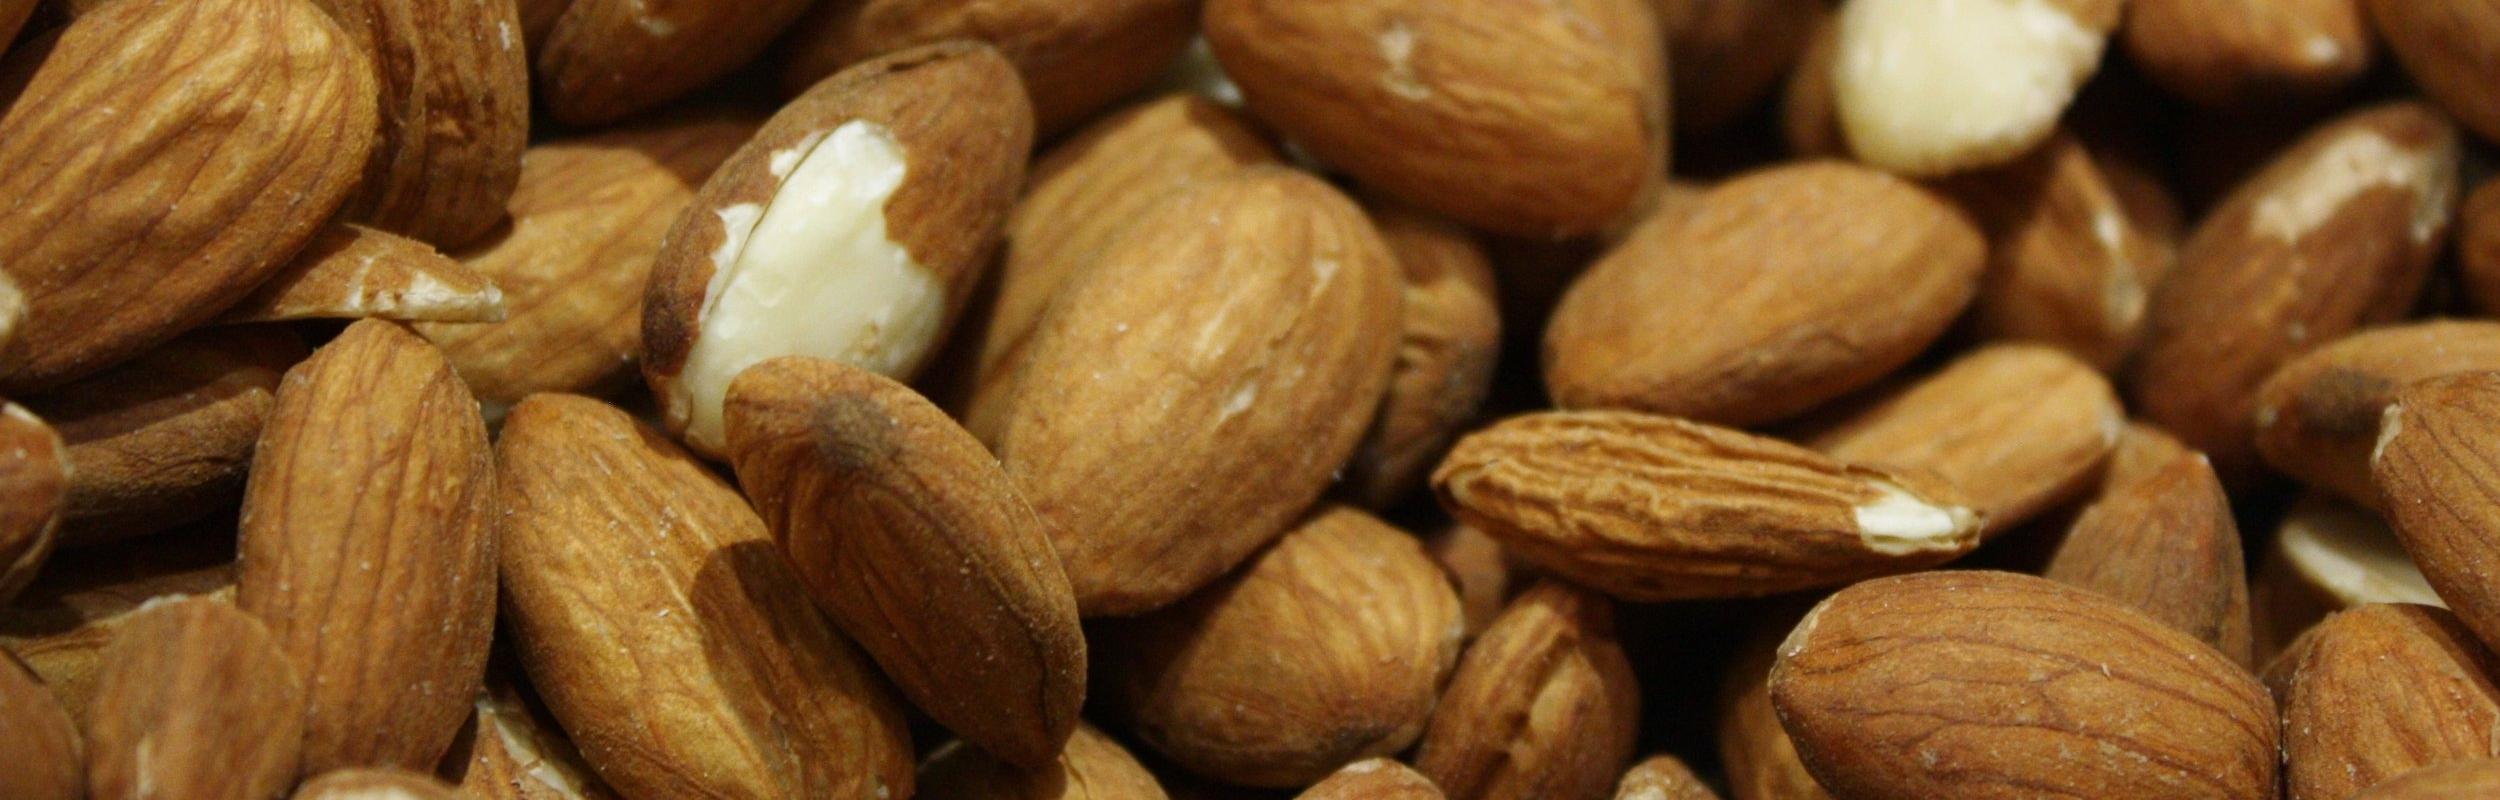 Almonds energy